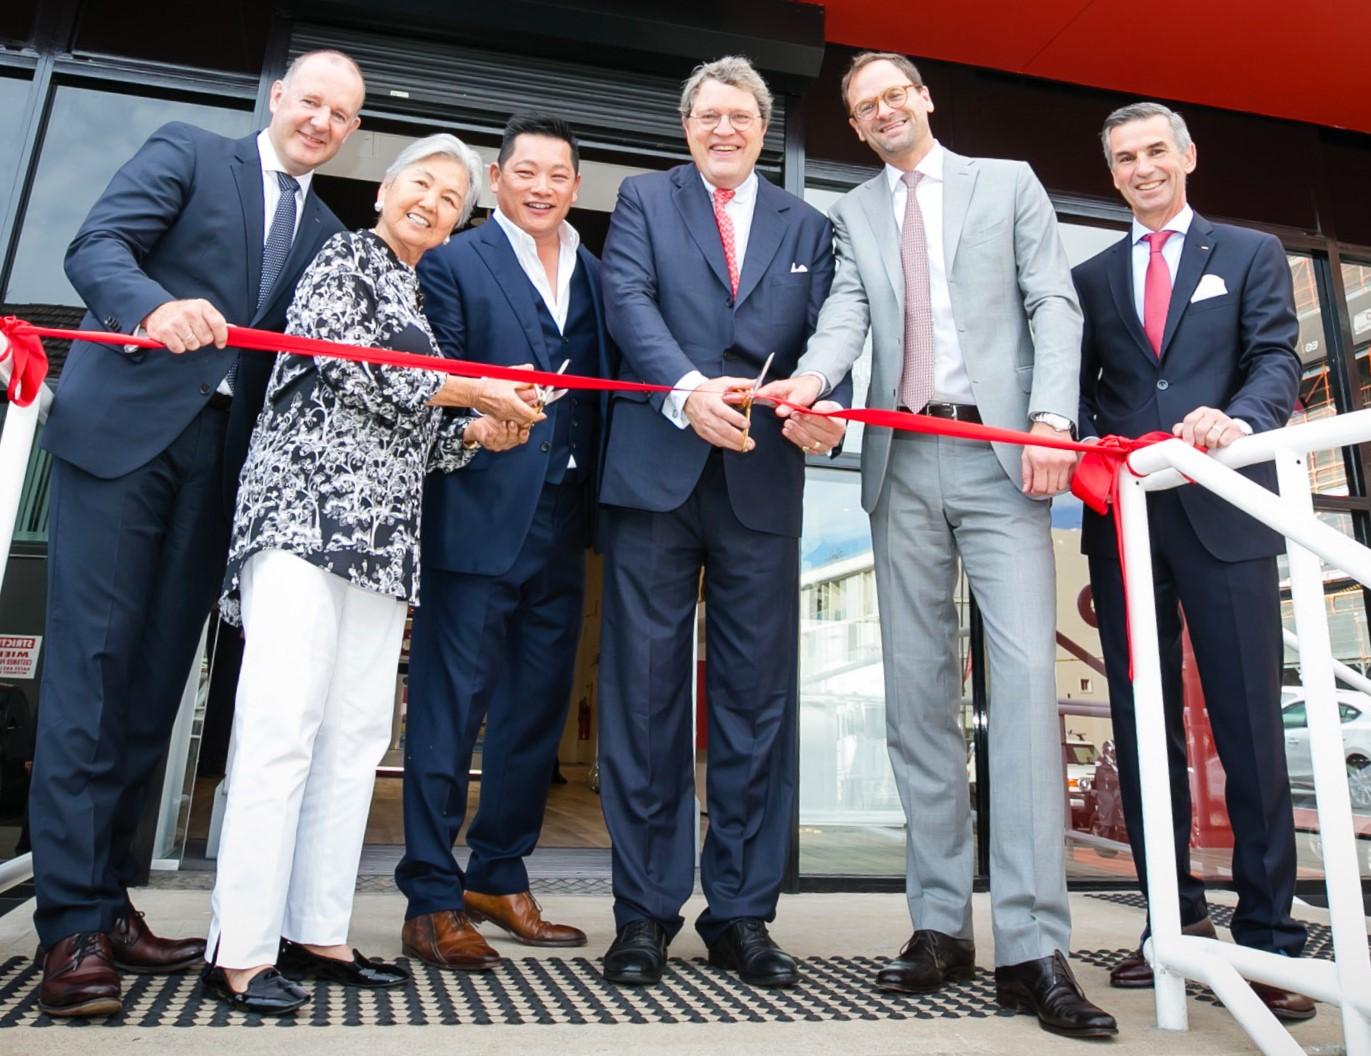 BING LEE: Miele Drummoyne Store Opening. October 12, 2017. Victoria Road, Drummoyne, NSW, Australia. Photo: Narelle Spangher, BING LEE